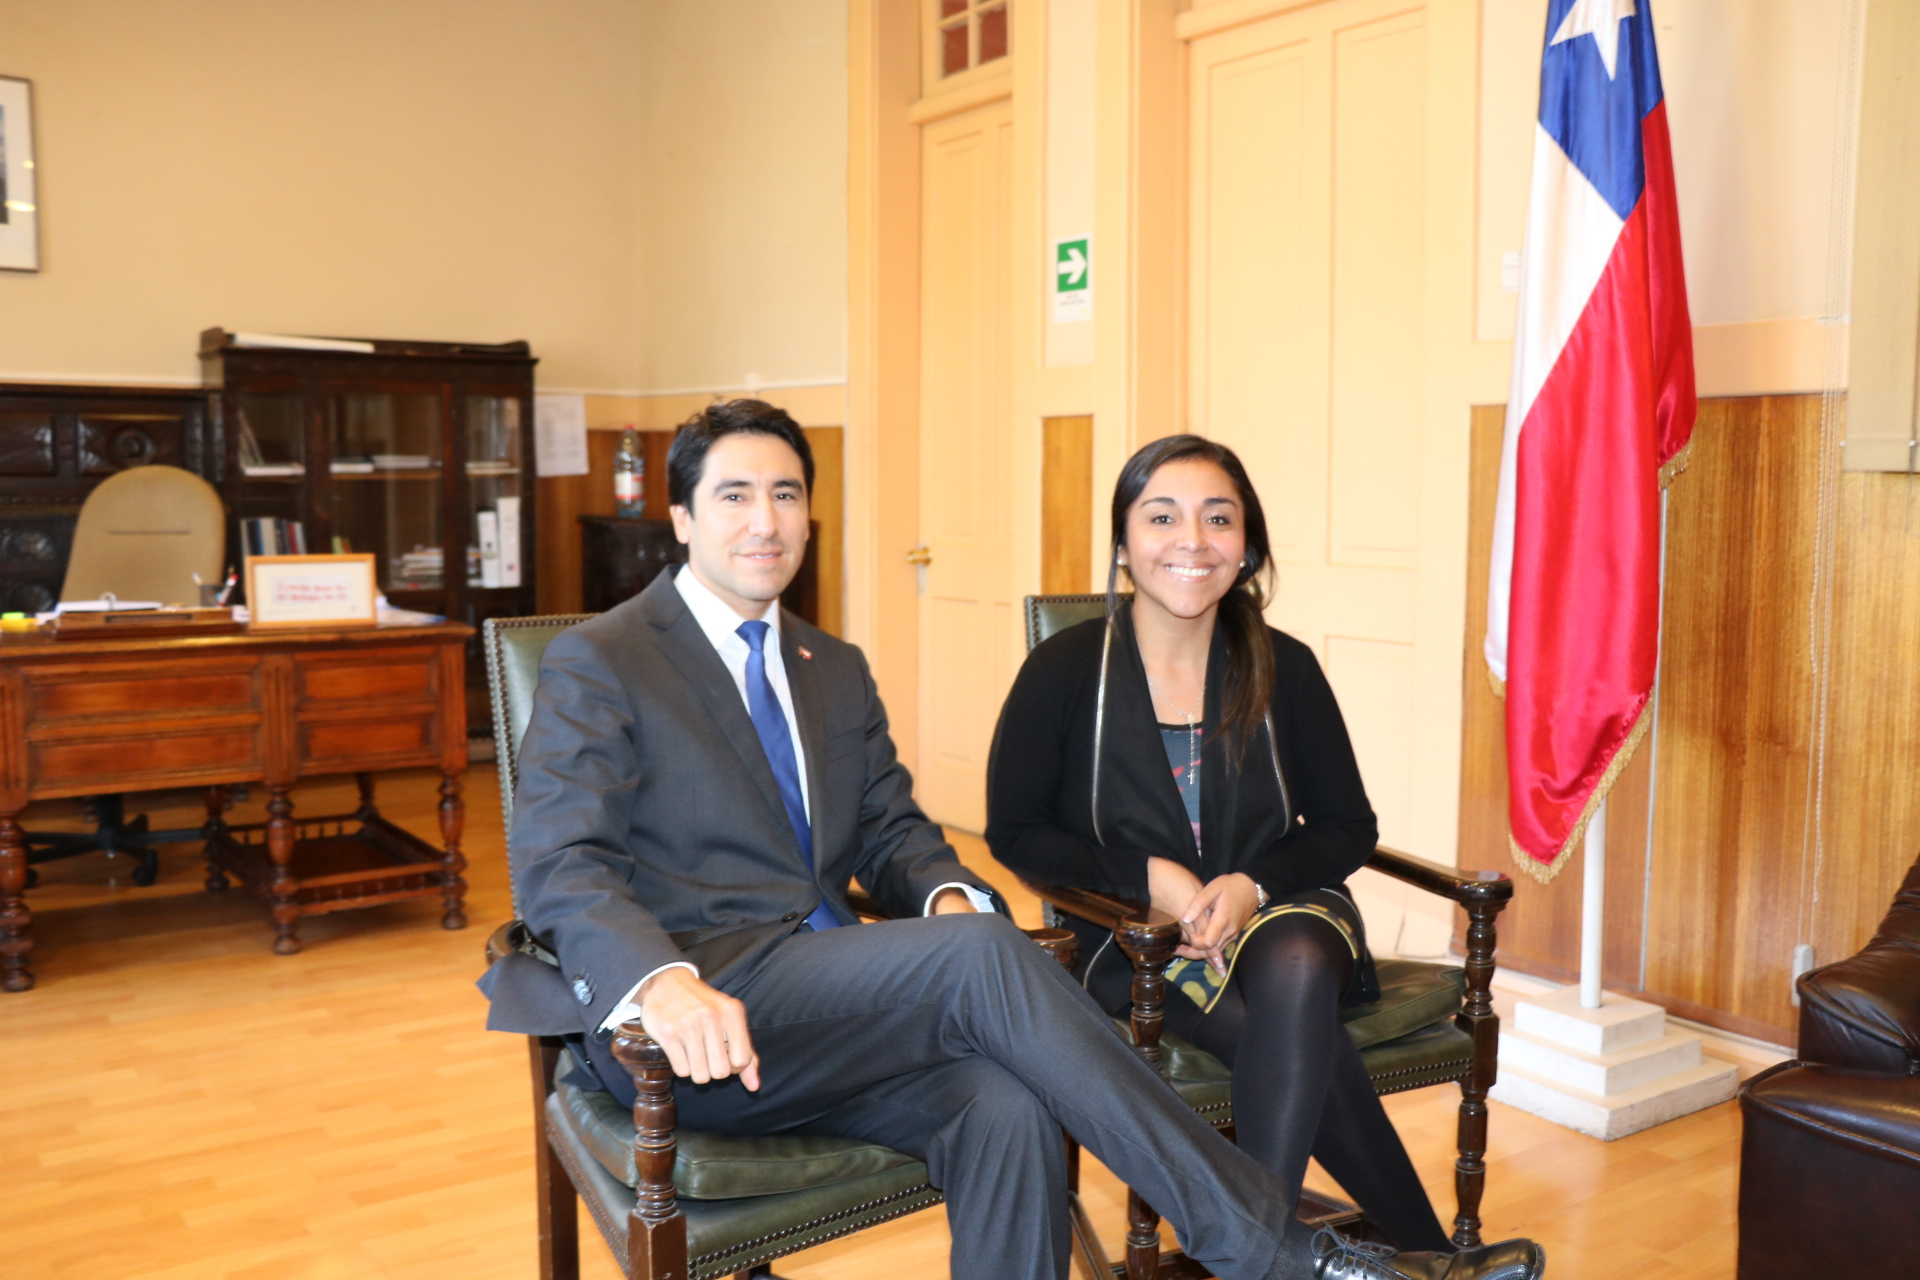 Seremi de Gobierno se reúne con gobernador de la provincia del Huasco